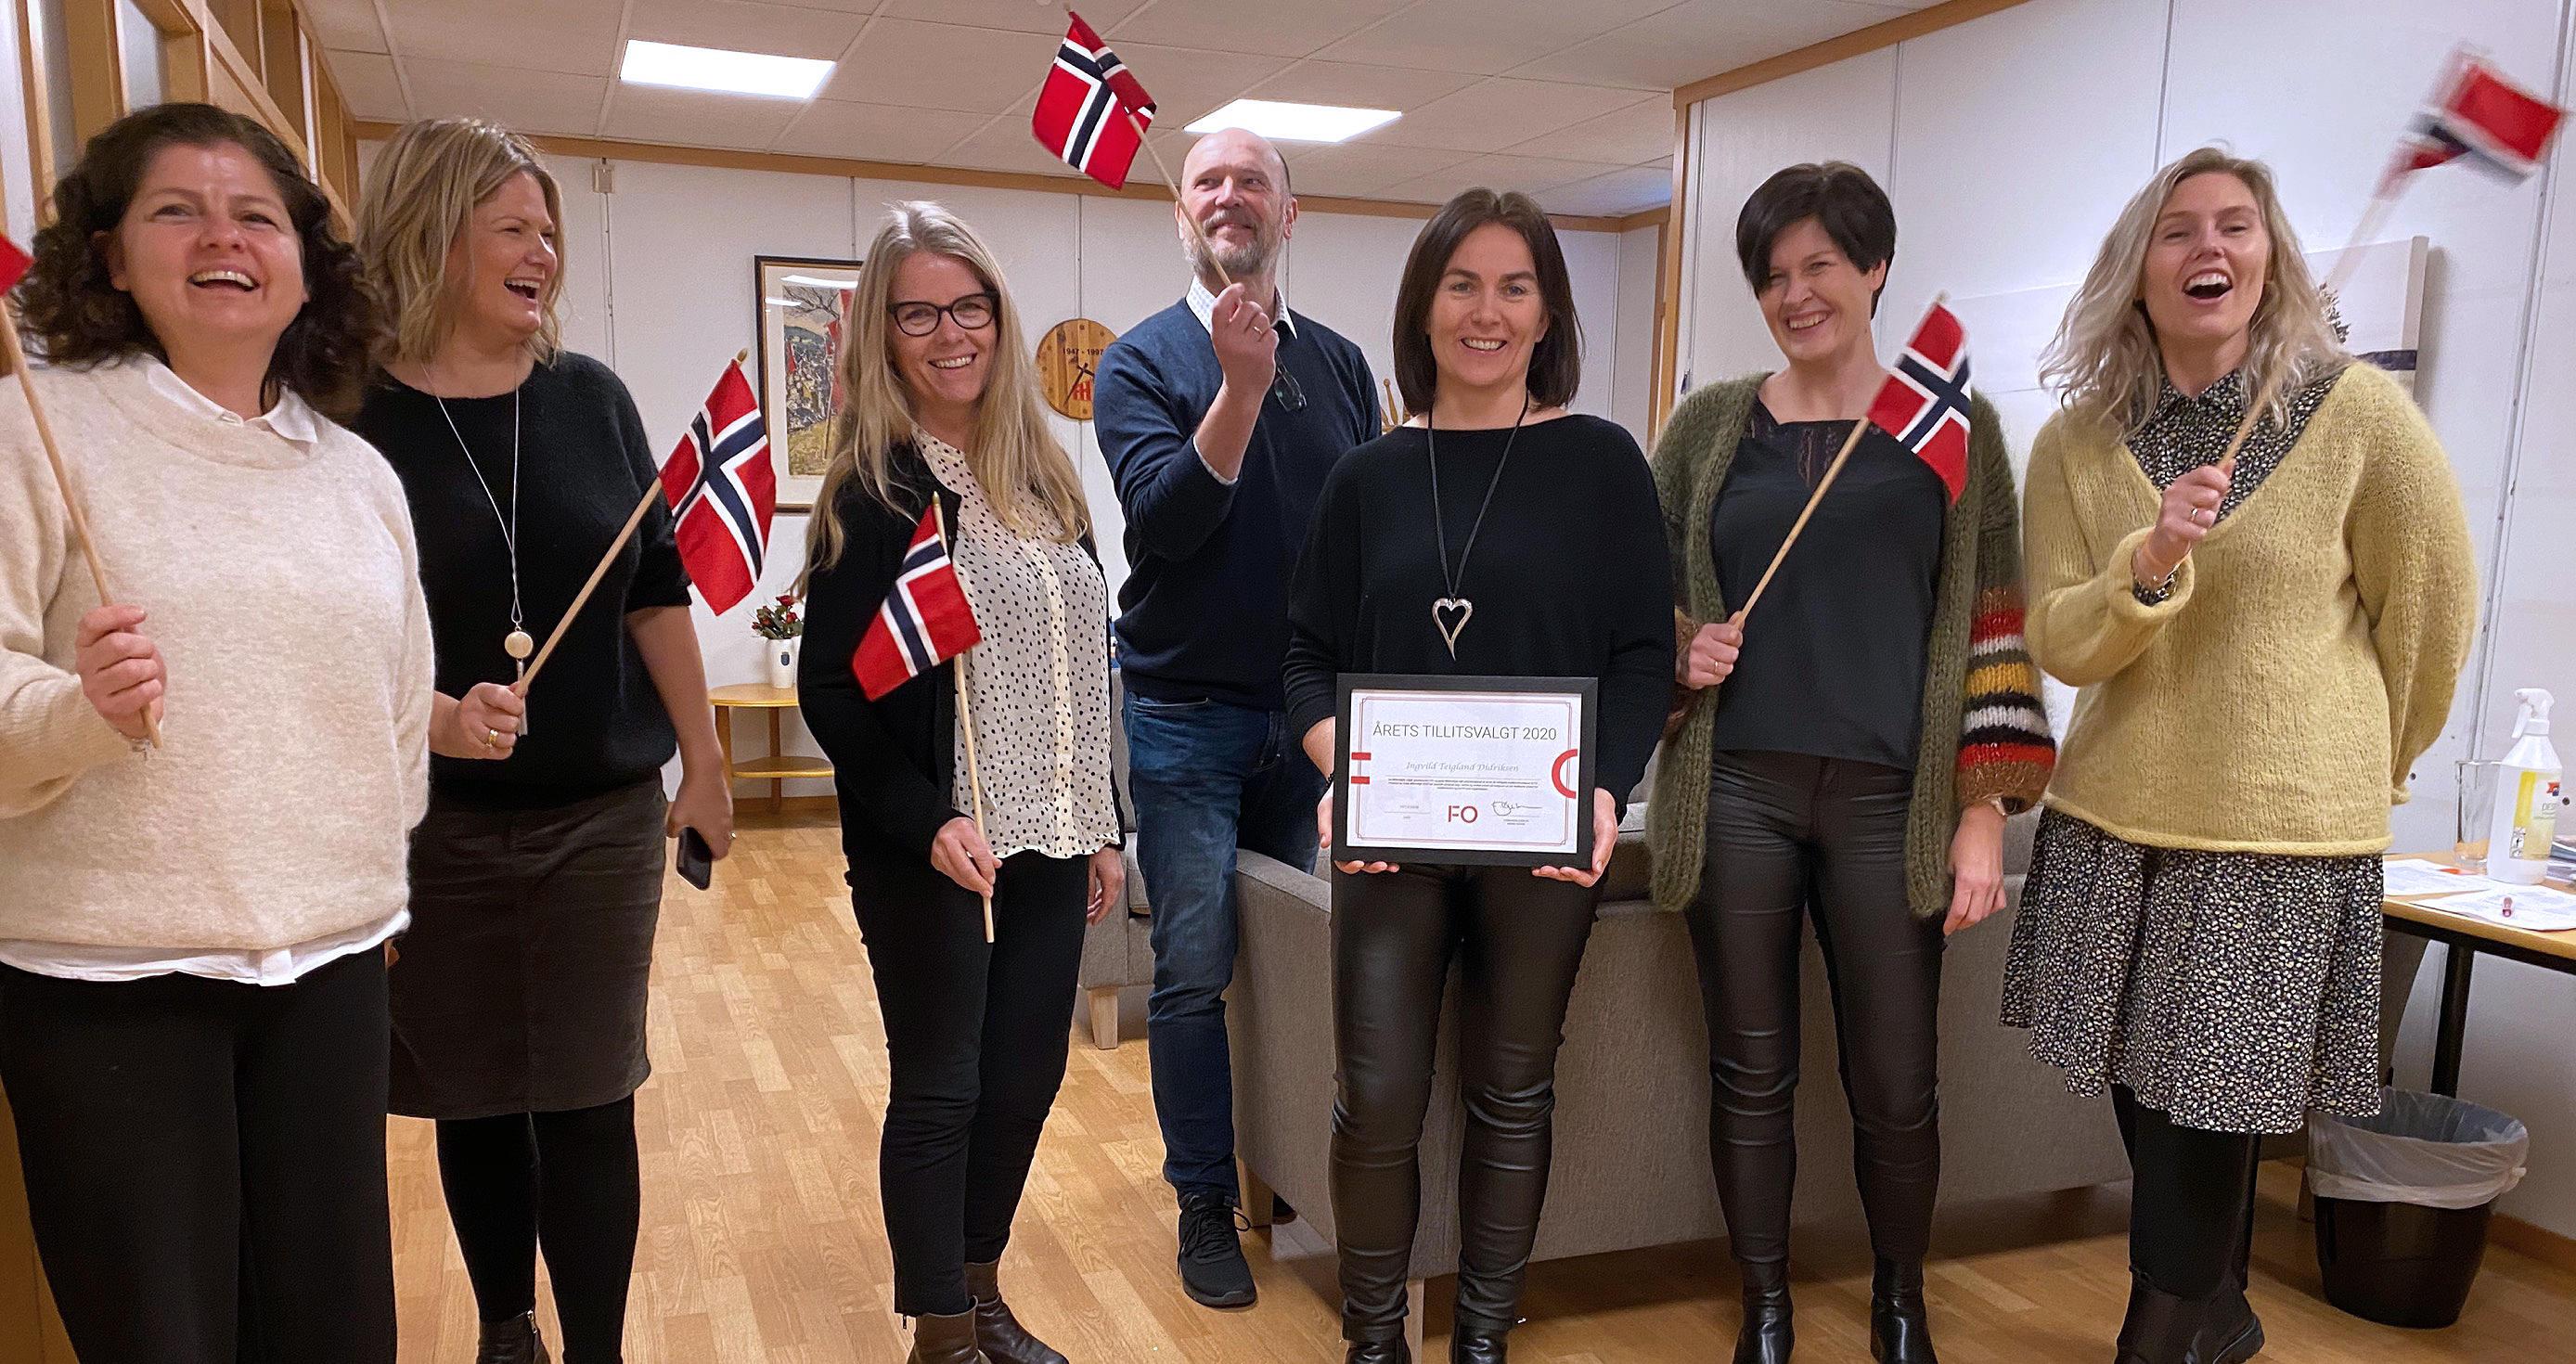 VINNER 2020: Ingvild Didriksen fra Rogaland ble feiret med stor jubel av sine kollegaer da hun ble kåret til Årets tillitsvalgt i fjor.